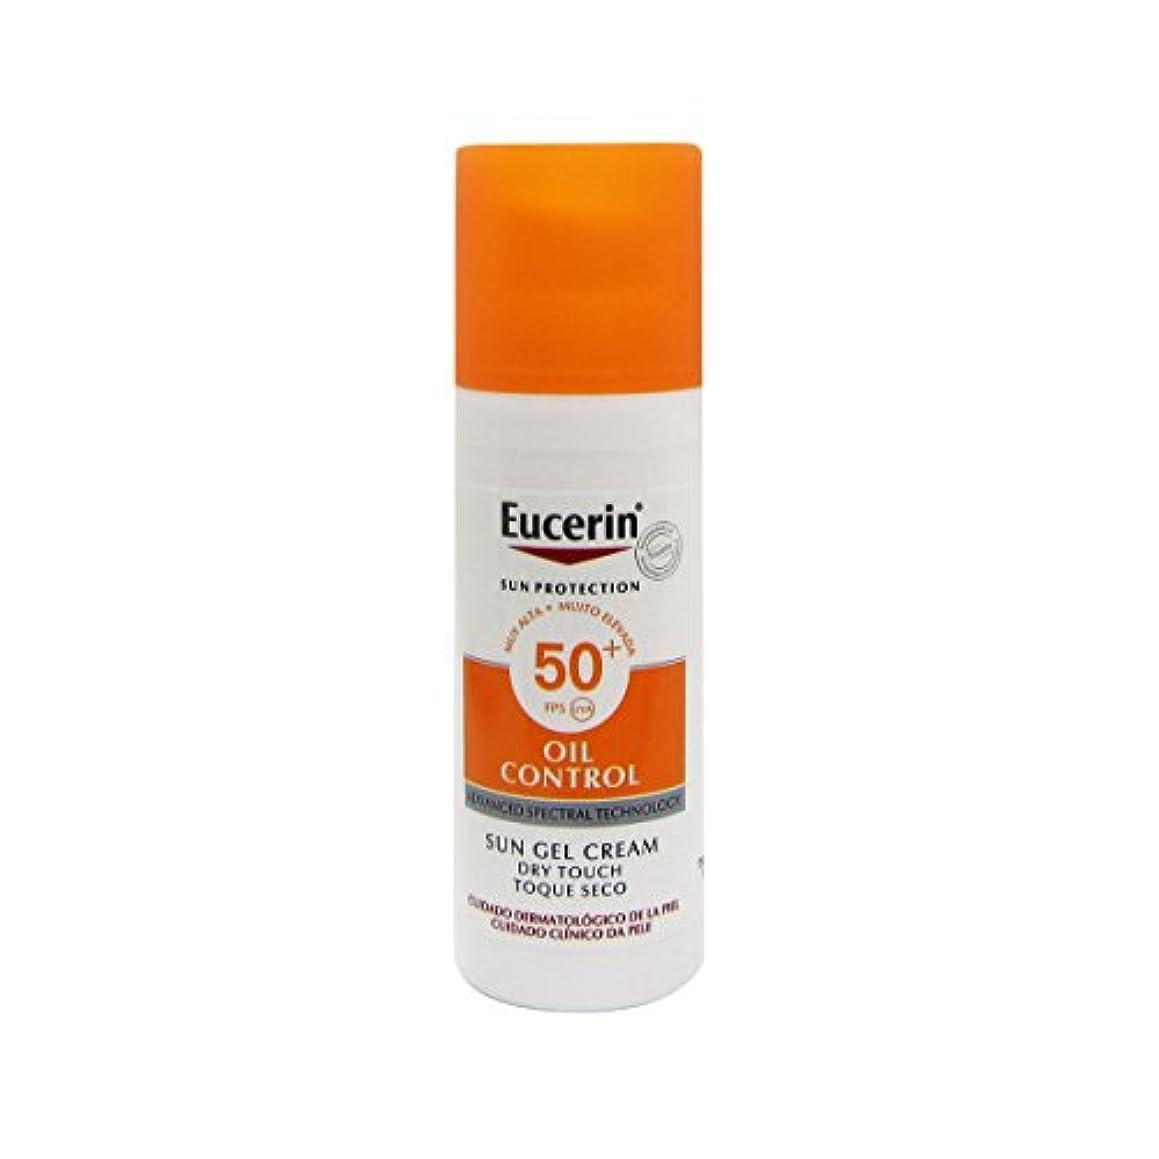 Eucerin Sun Face Oil Control Gel-cream Spf50 50ml [並行輸入品]